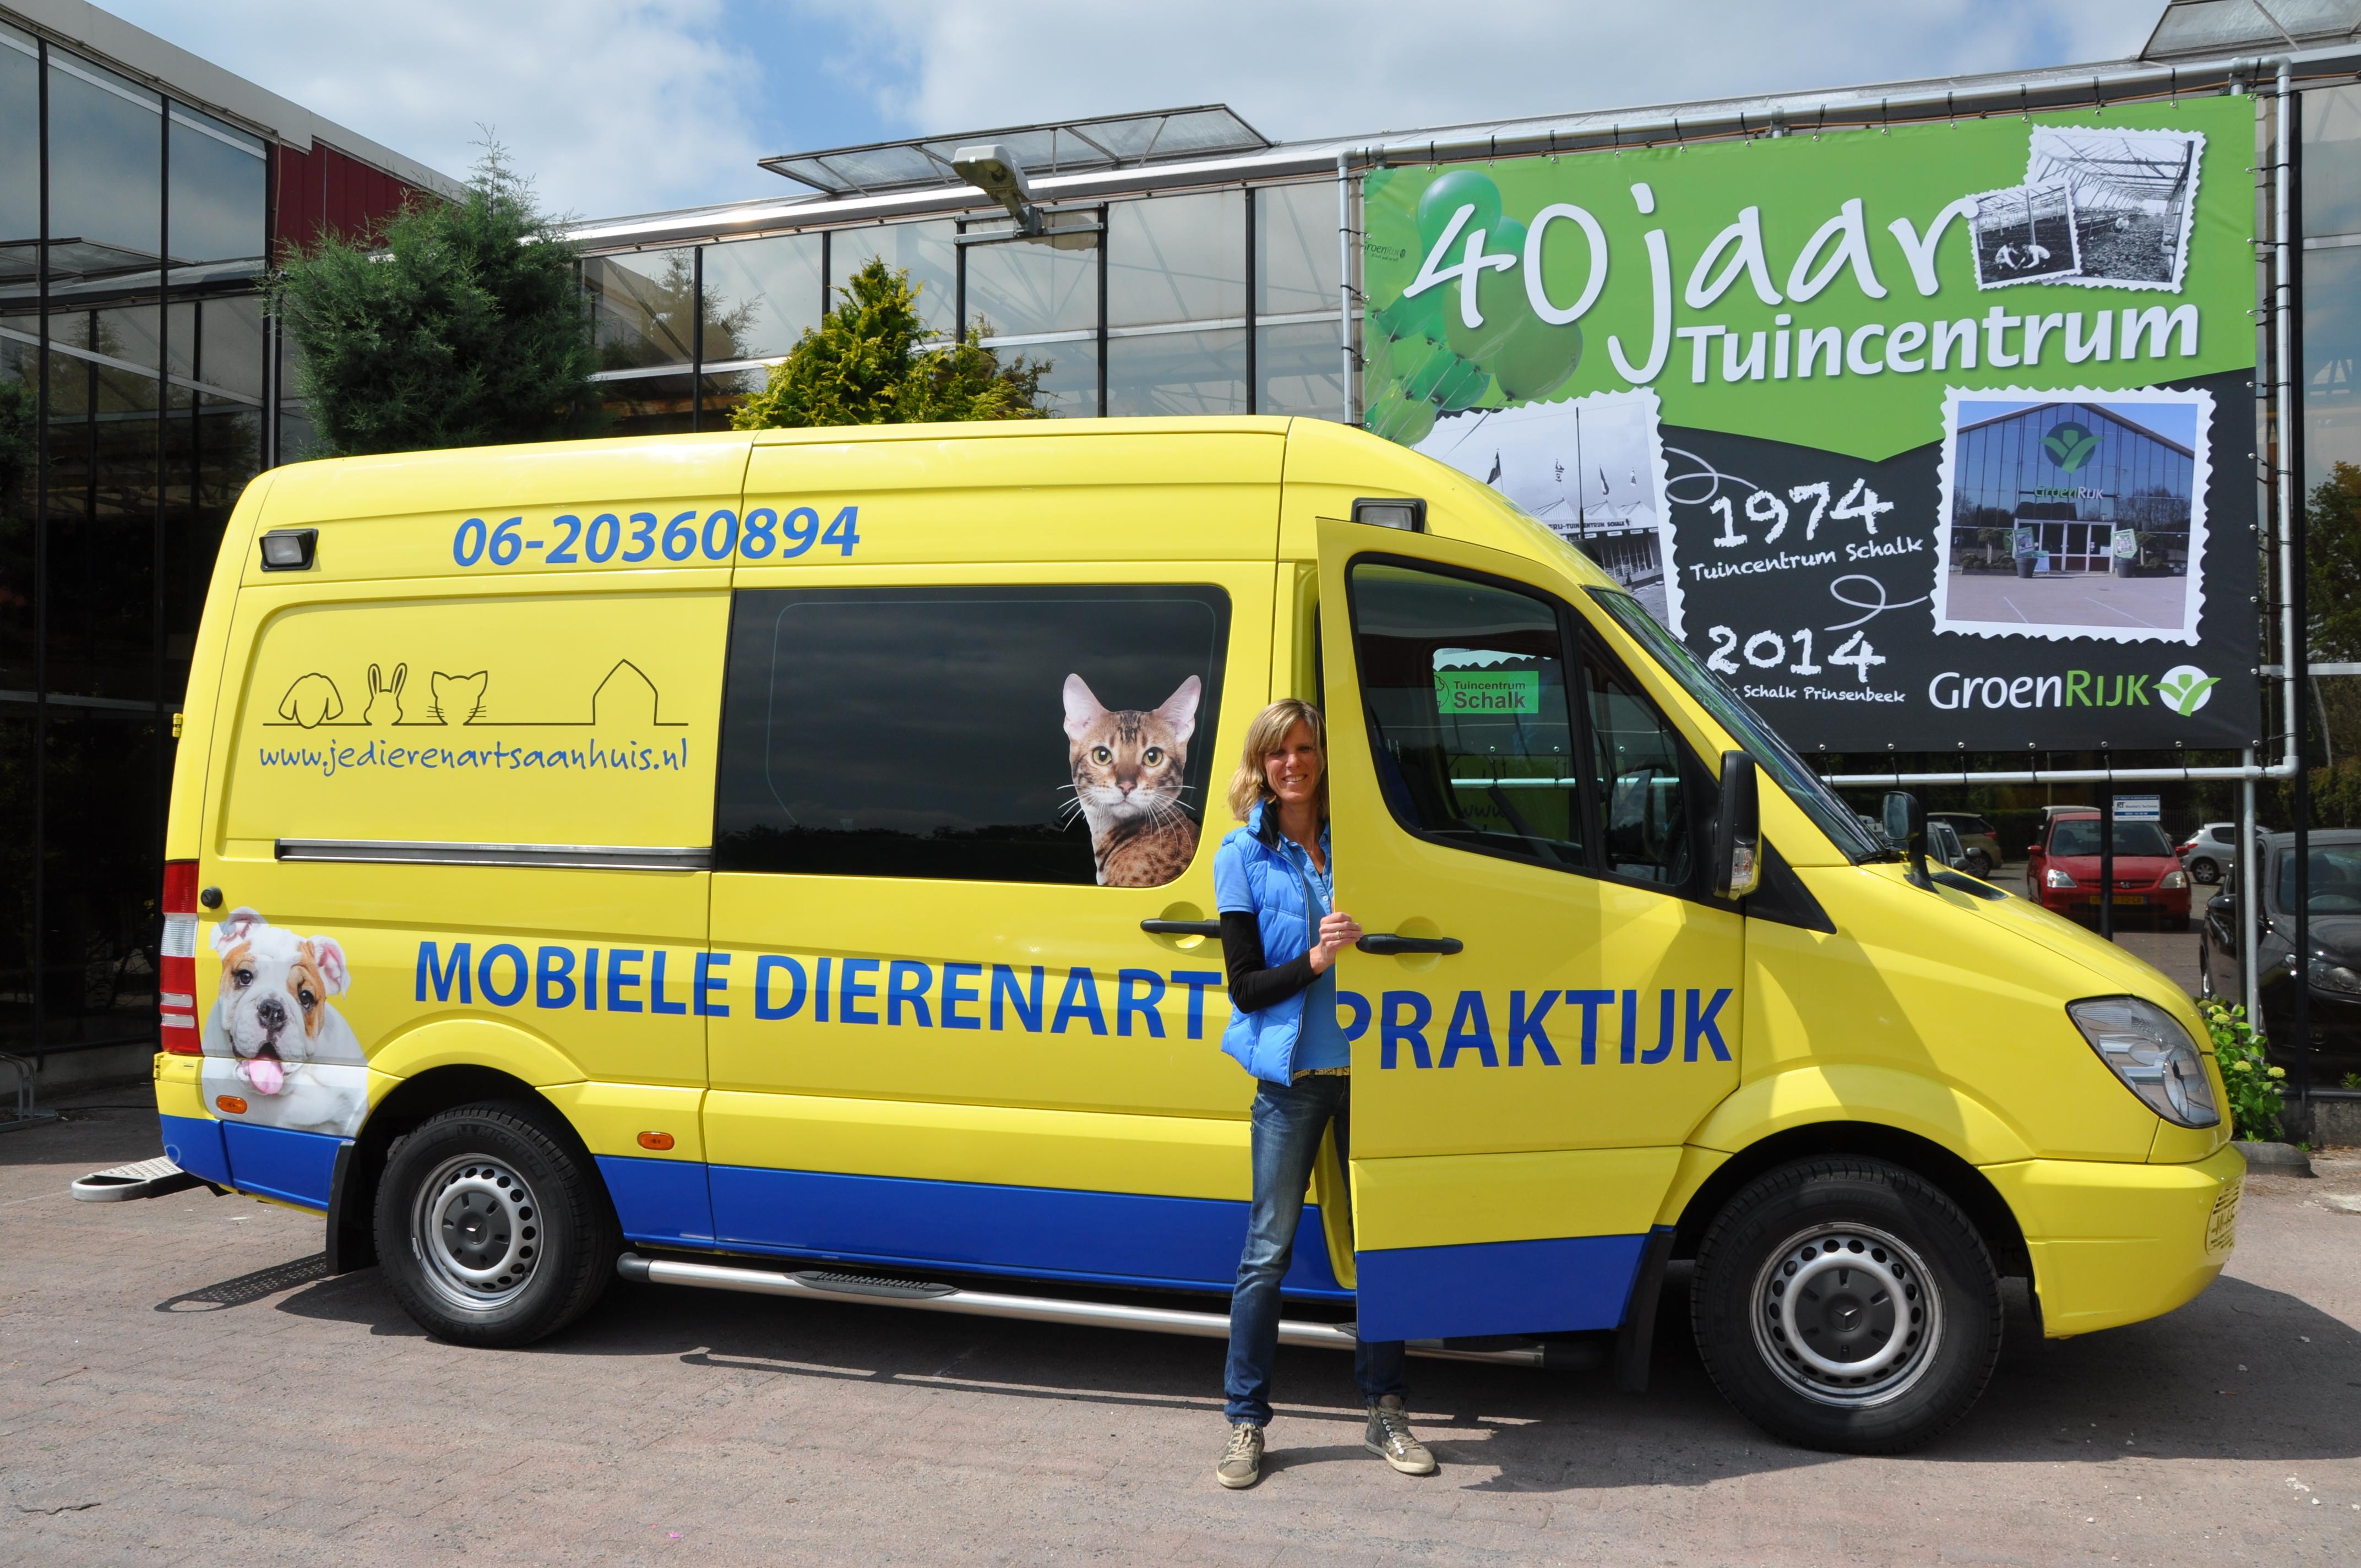 Mobiele dierenarts prinsenbeek